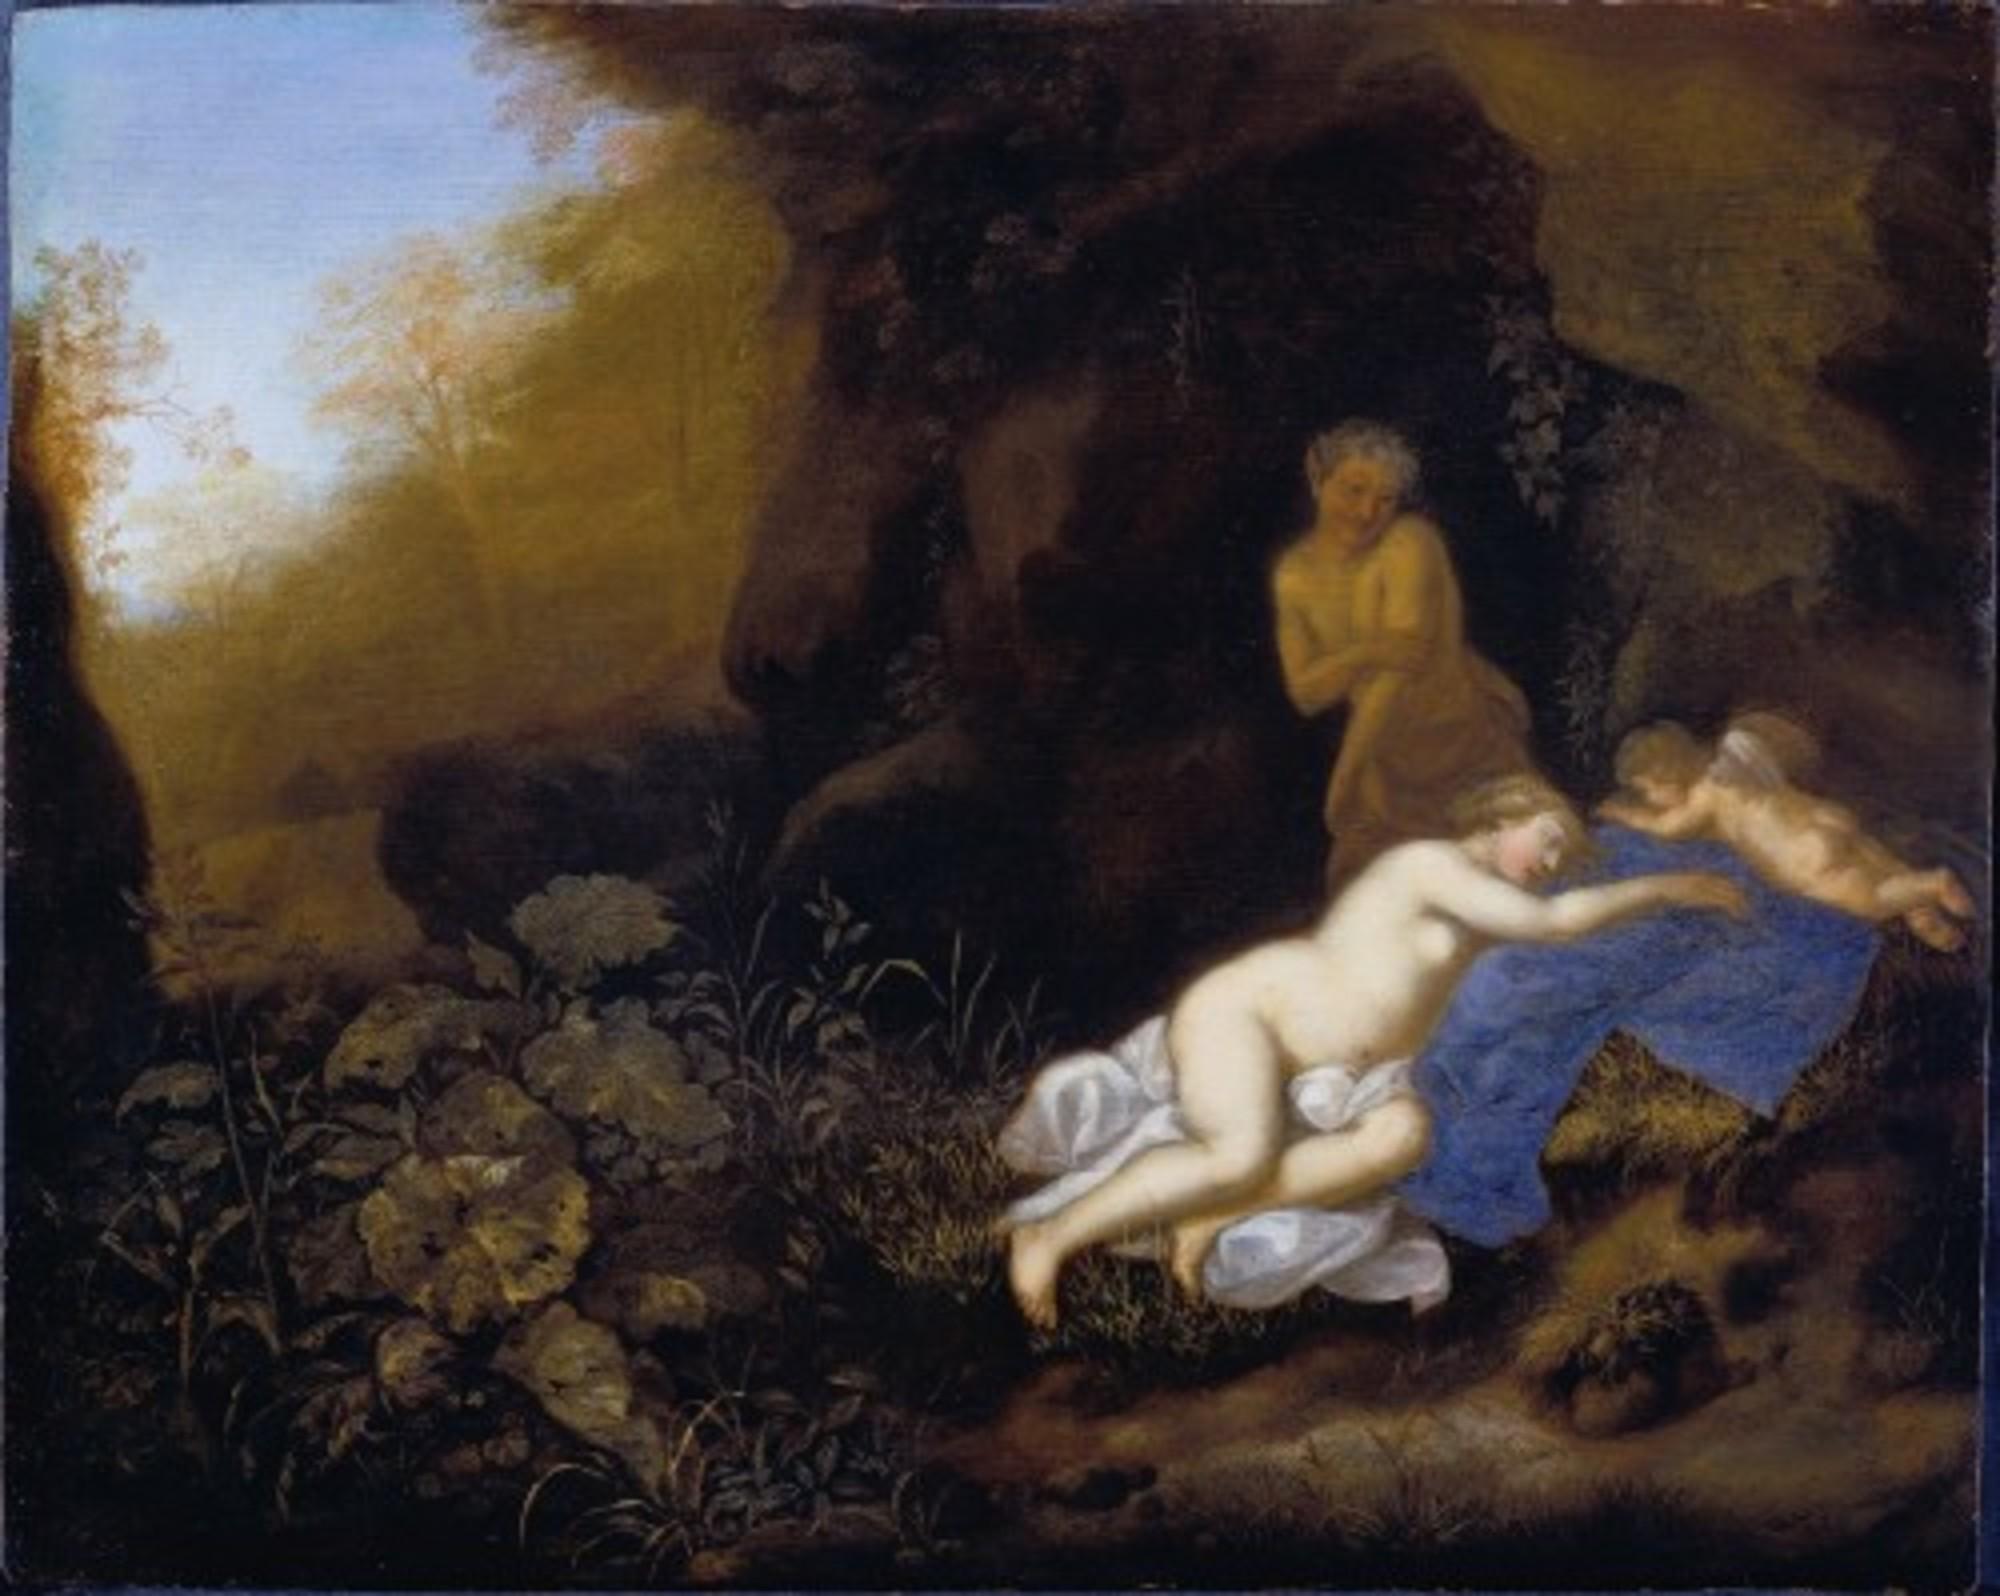 Verwilt-Francois---Jupiter-and-Antiope---Google-Art-Project.jpg